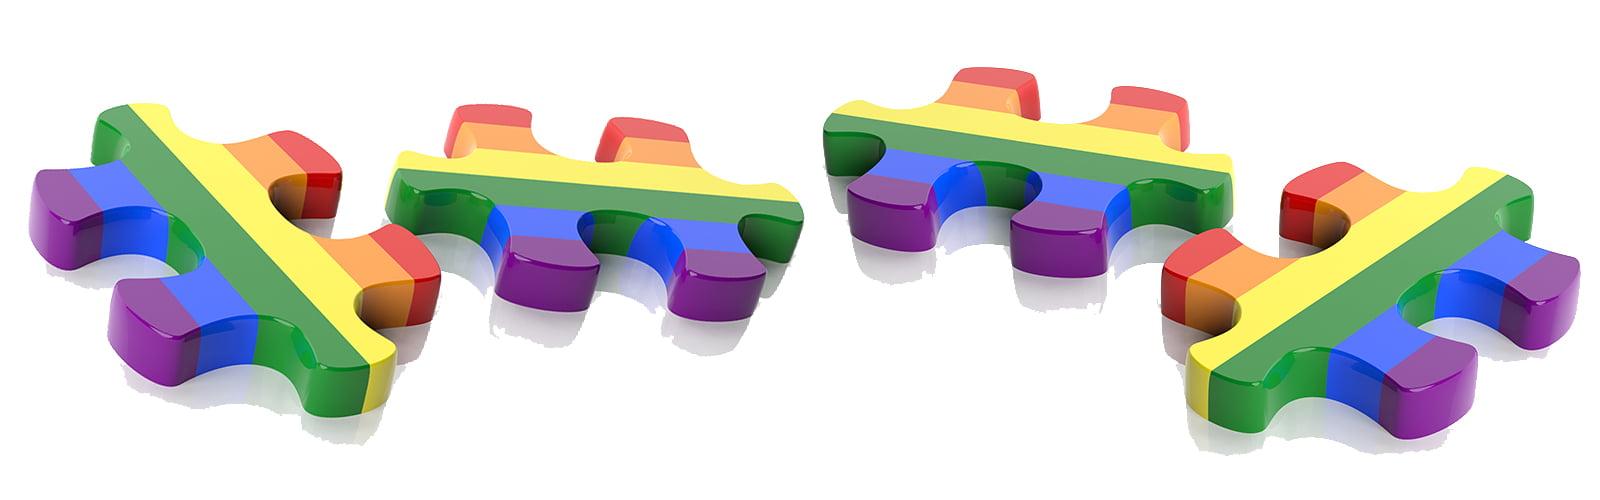 rainbow-jigsaw